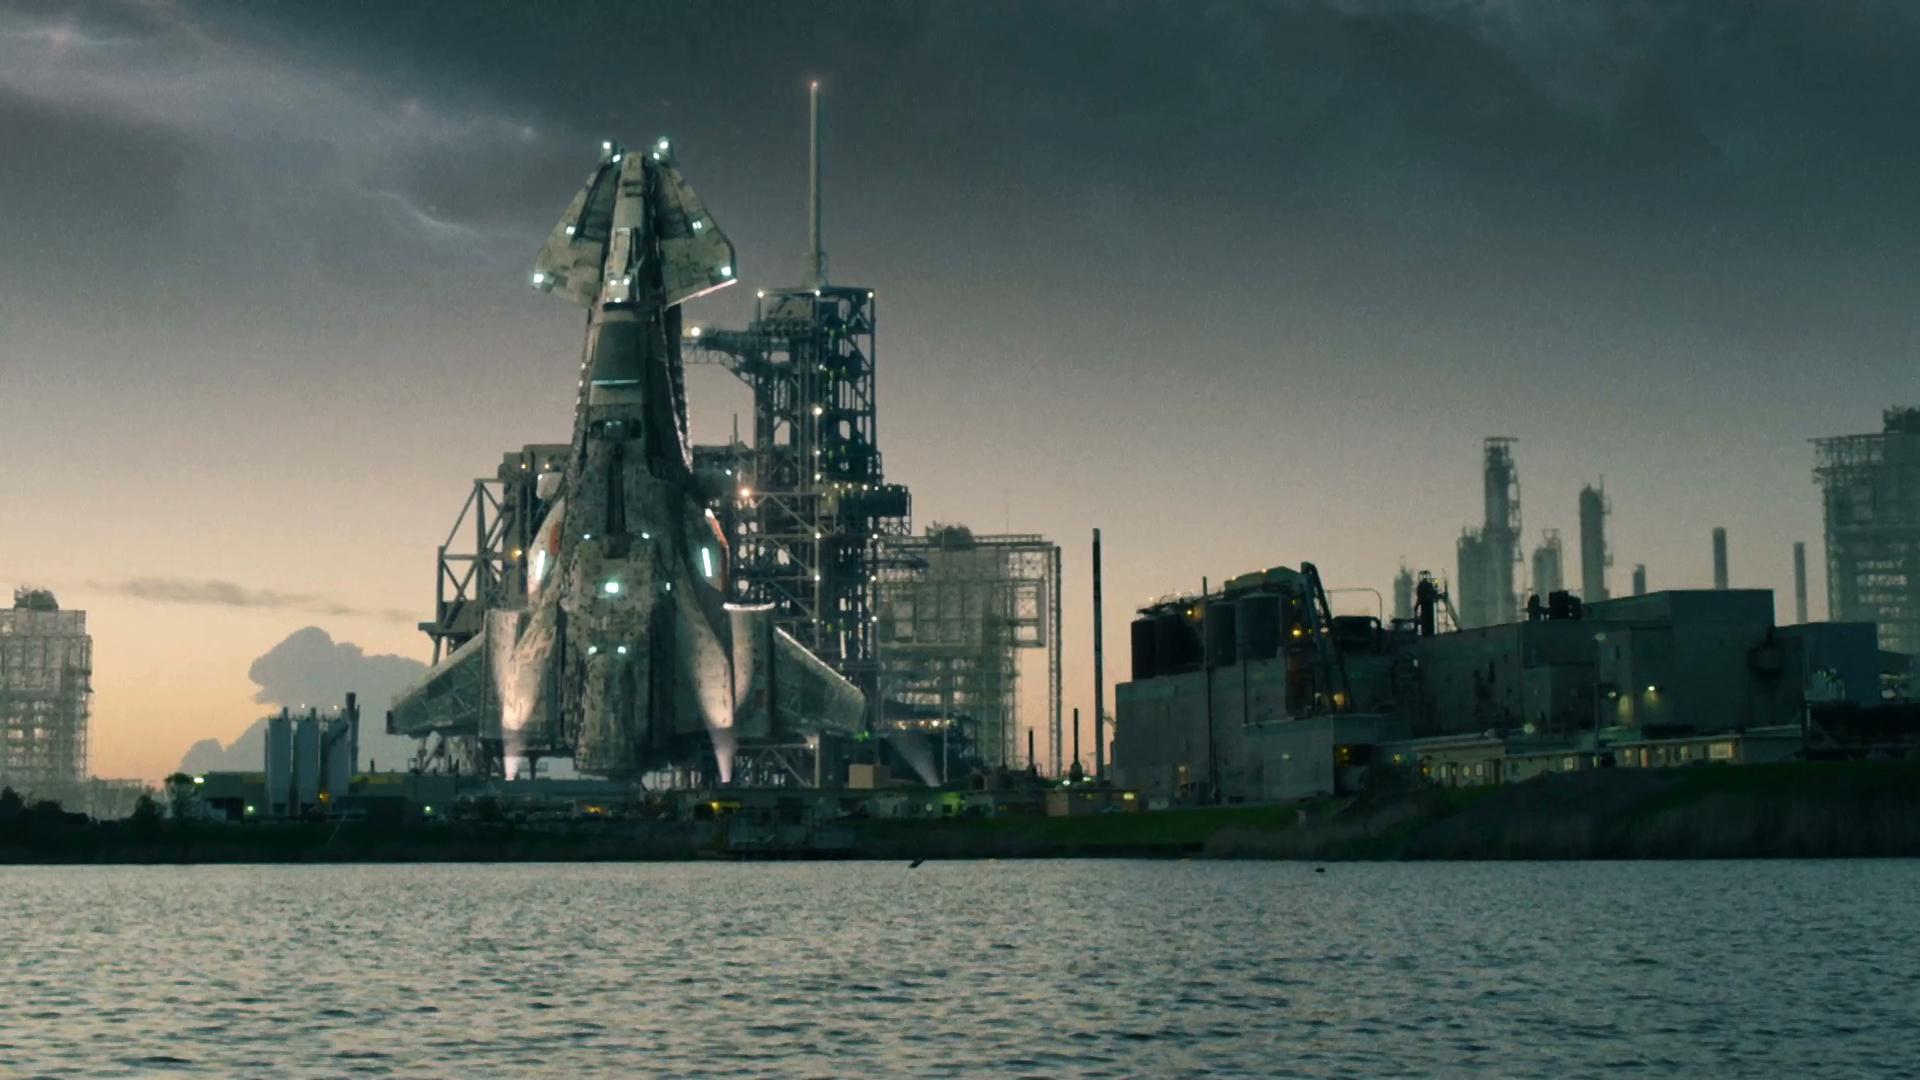 Arrowhead on Docks.jpeg